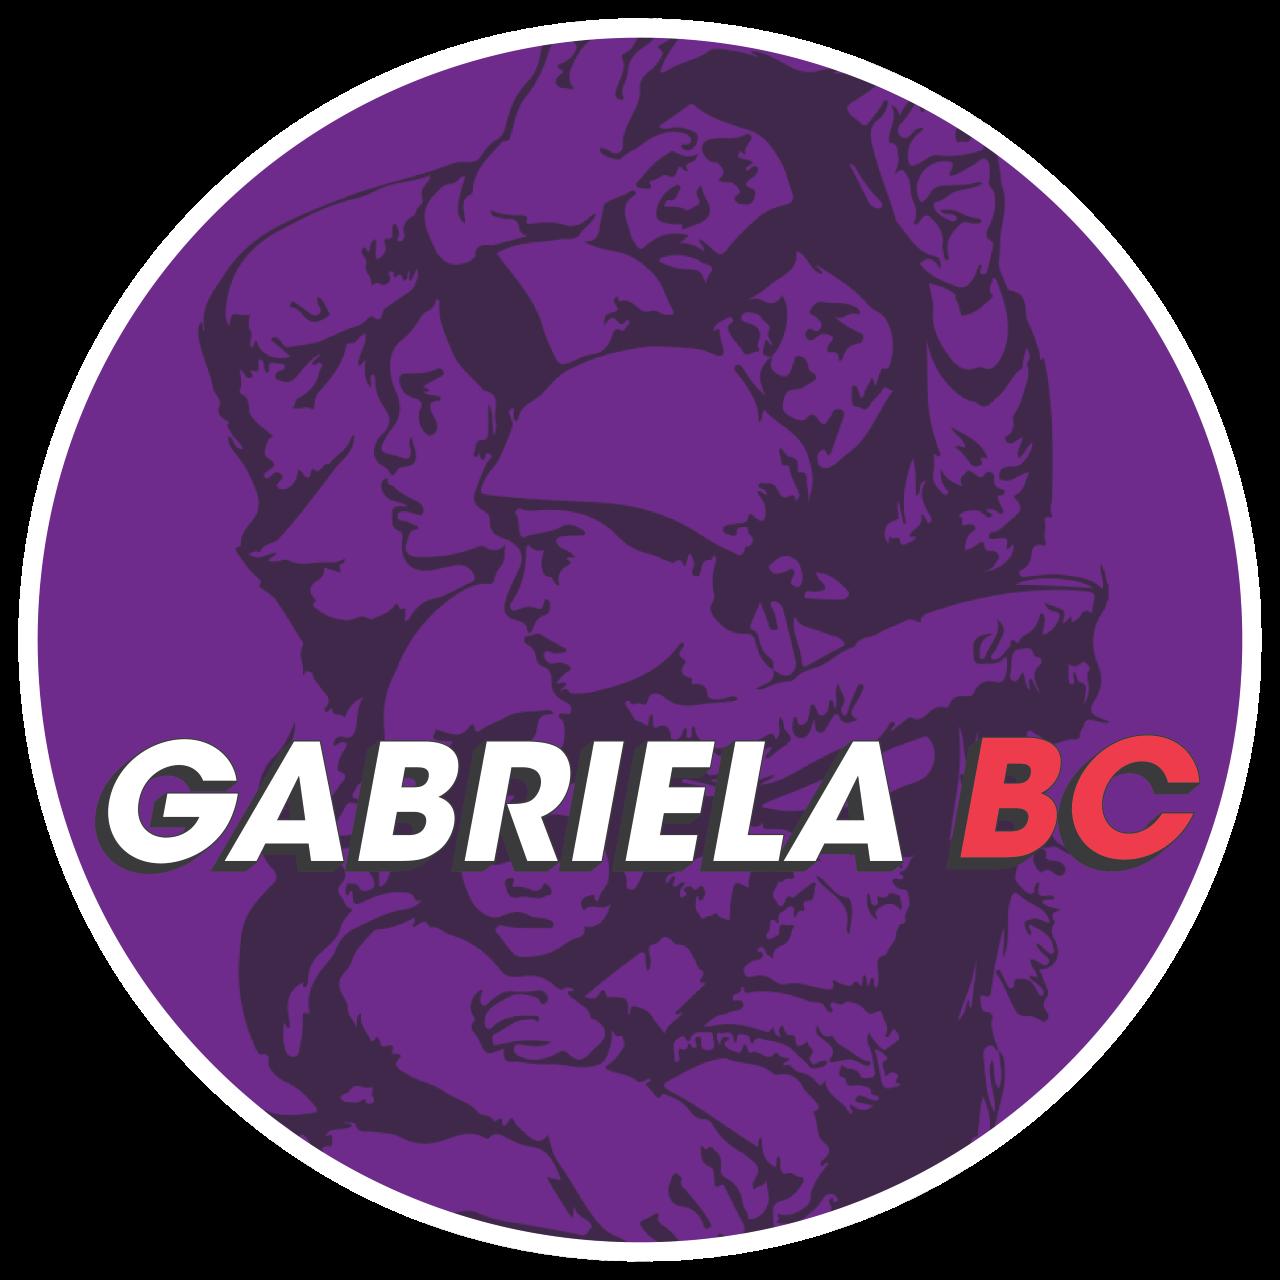 GABRIELA BC